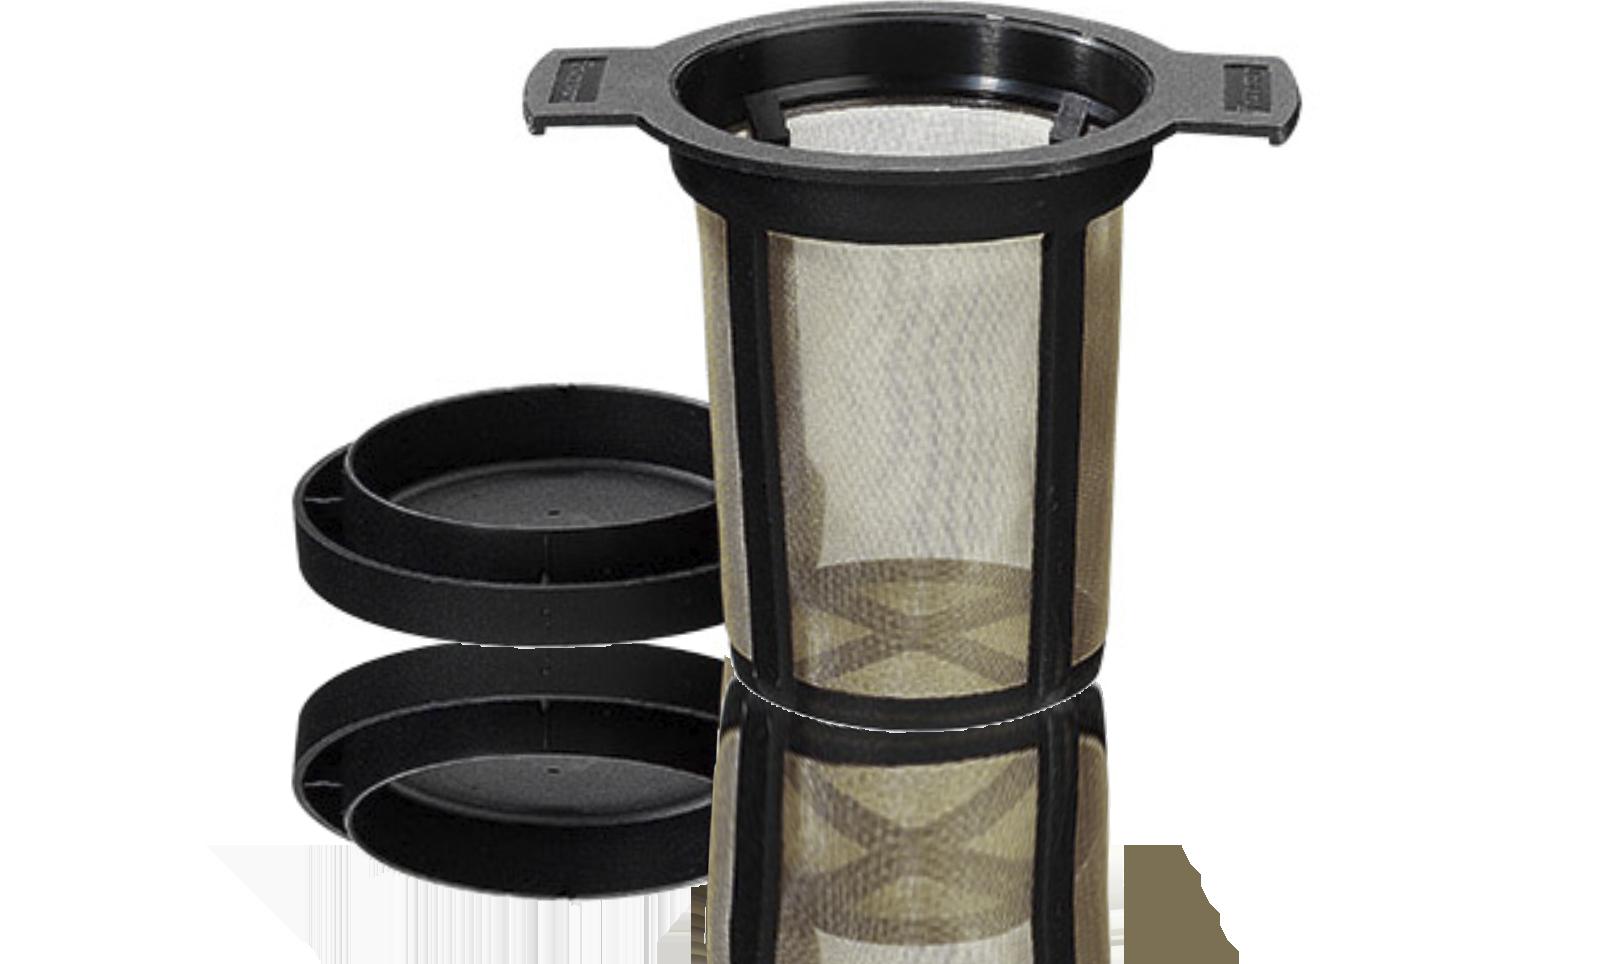 Filtre à thé FINUM permanent avec tamis métal inox grand modèle